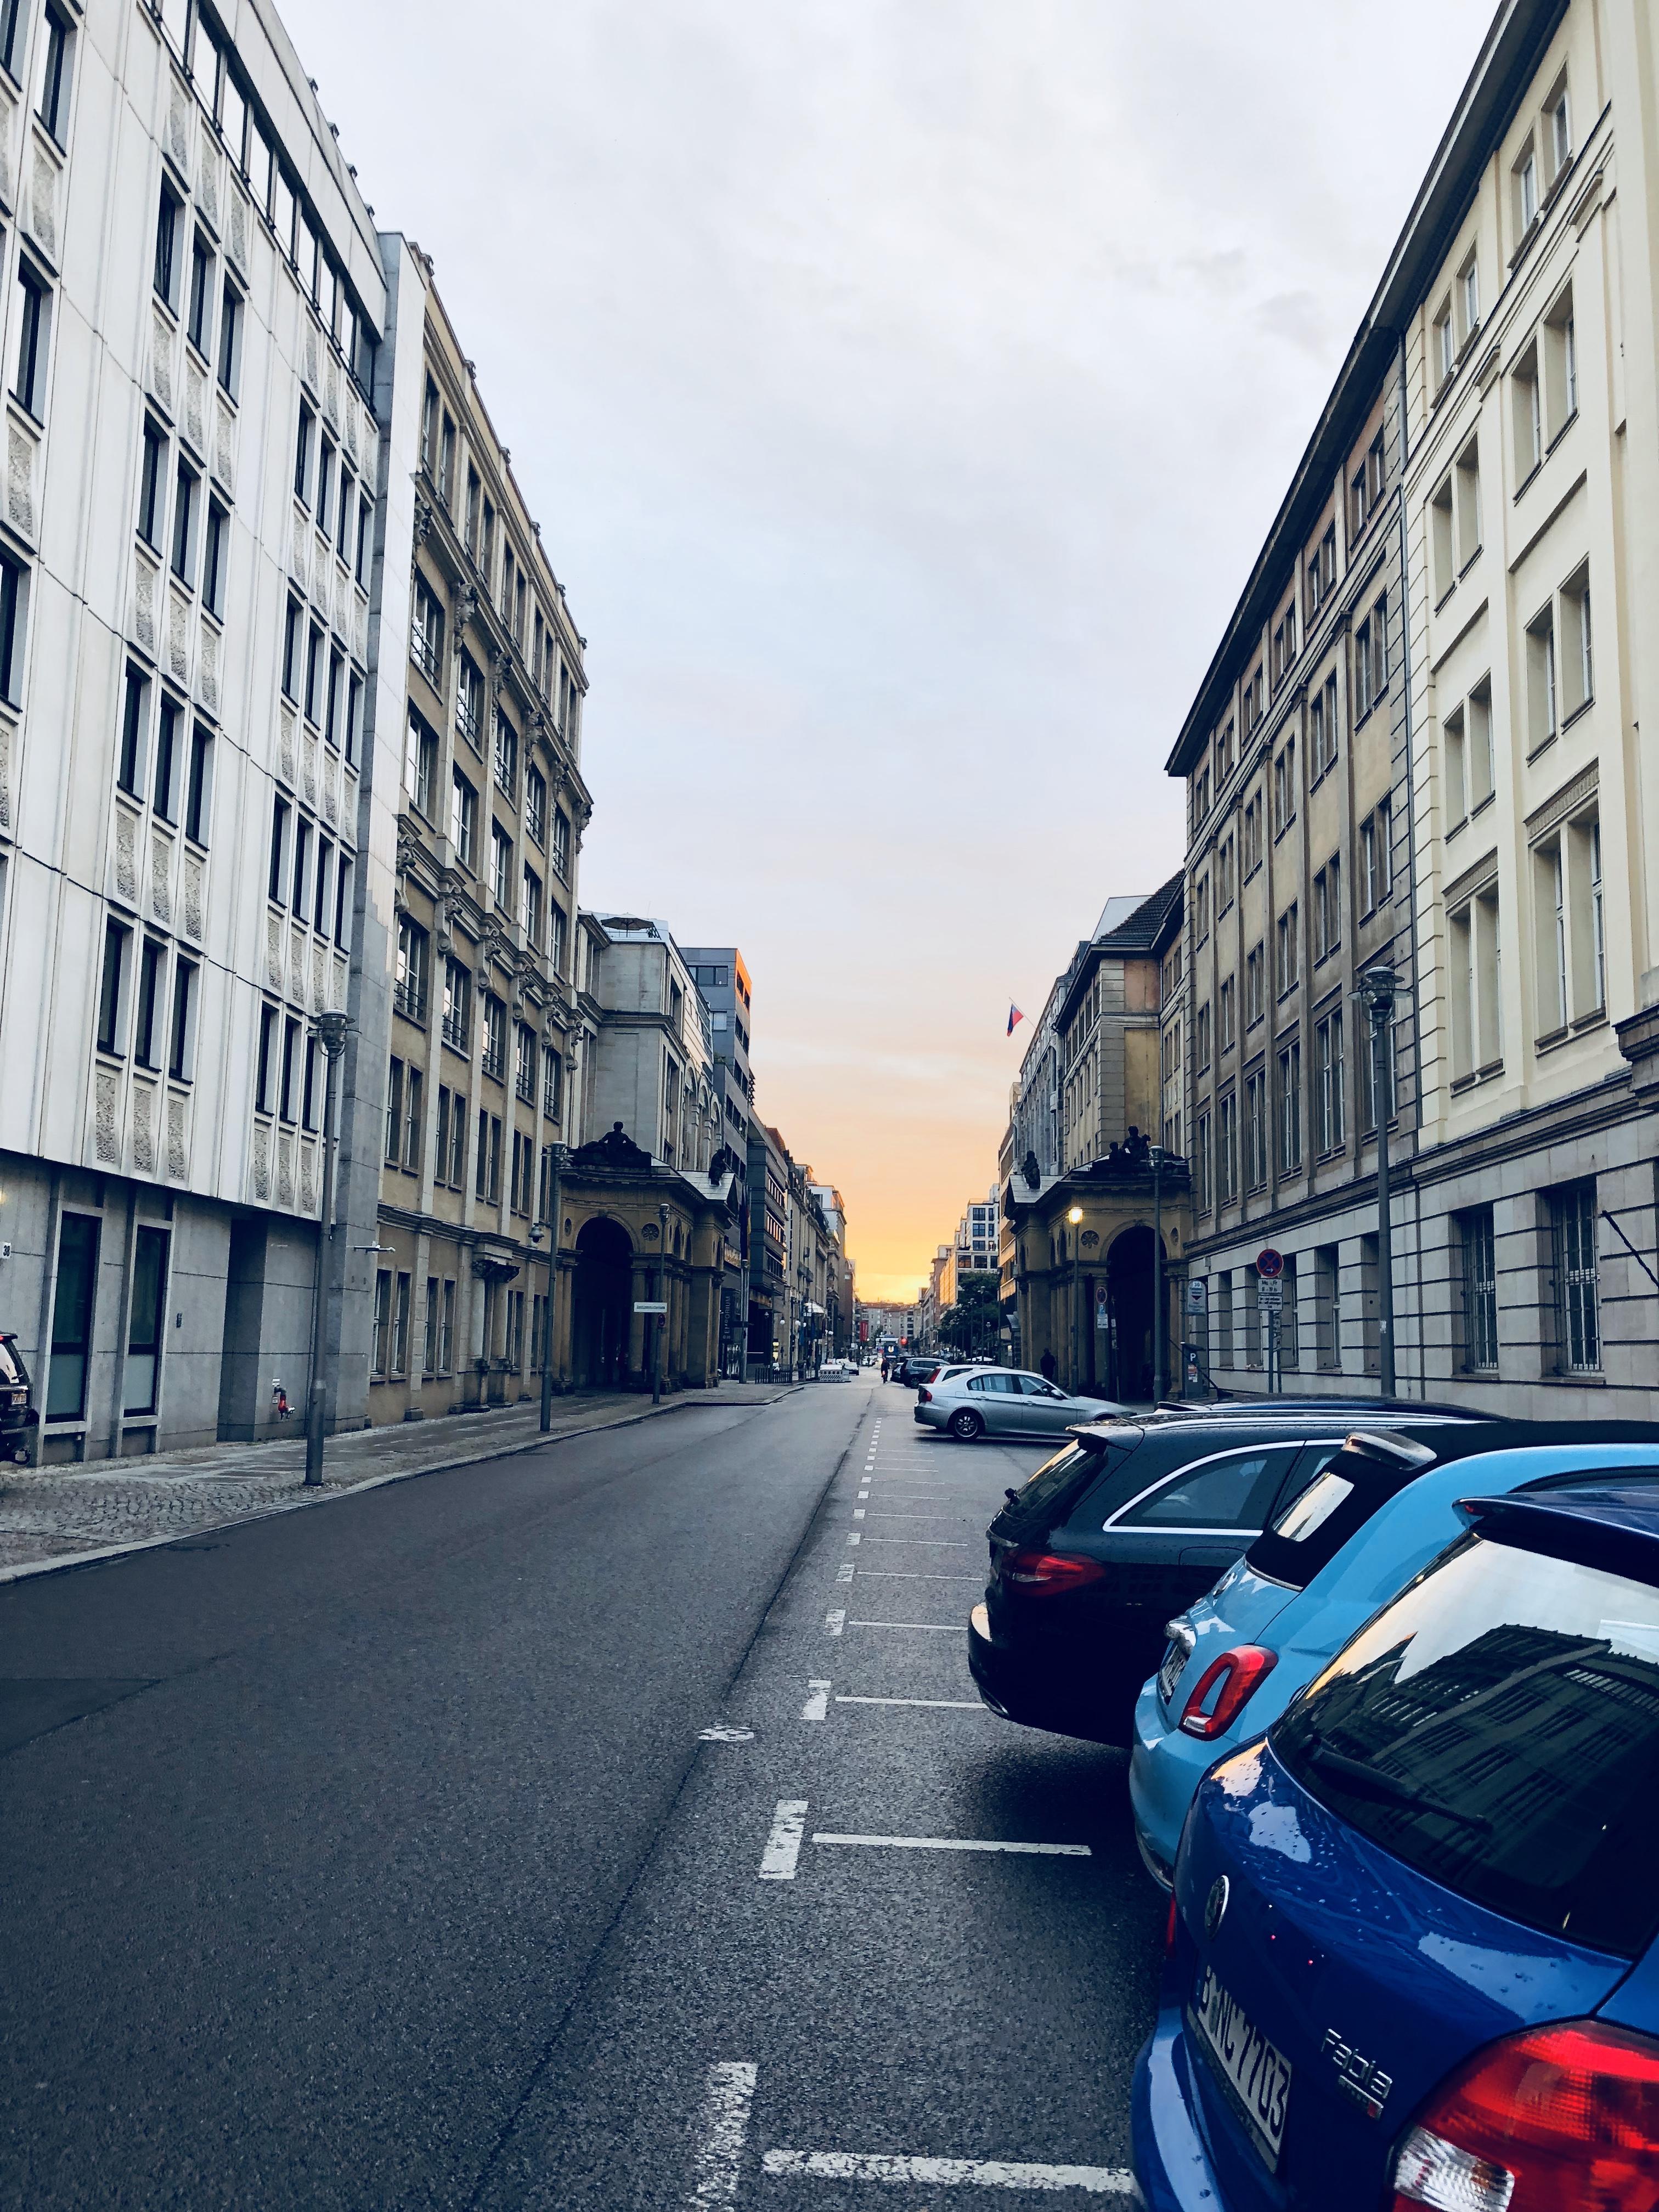 Berlin scenery